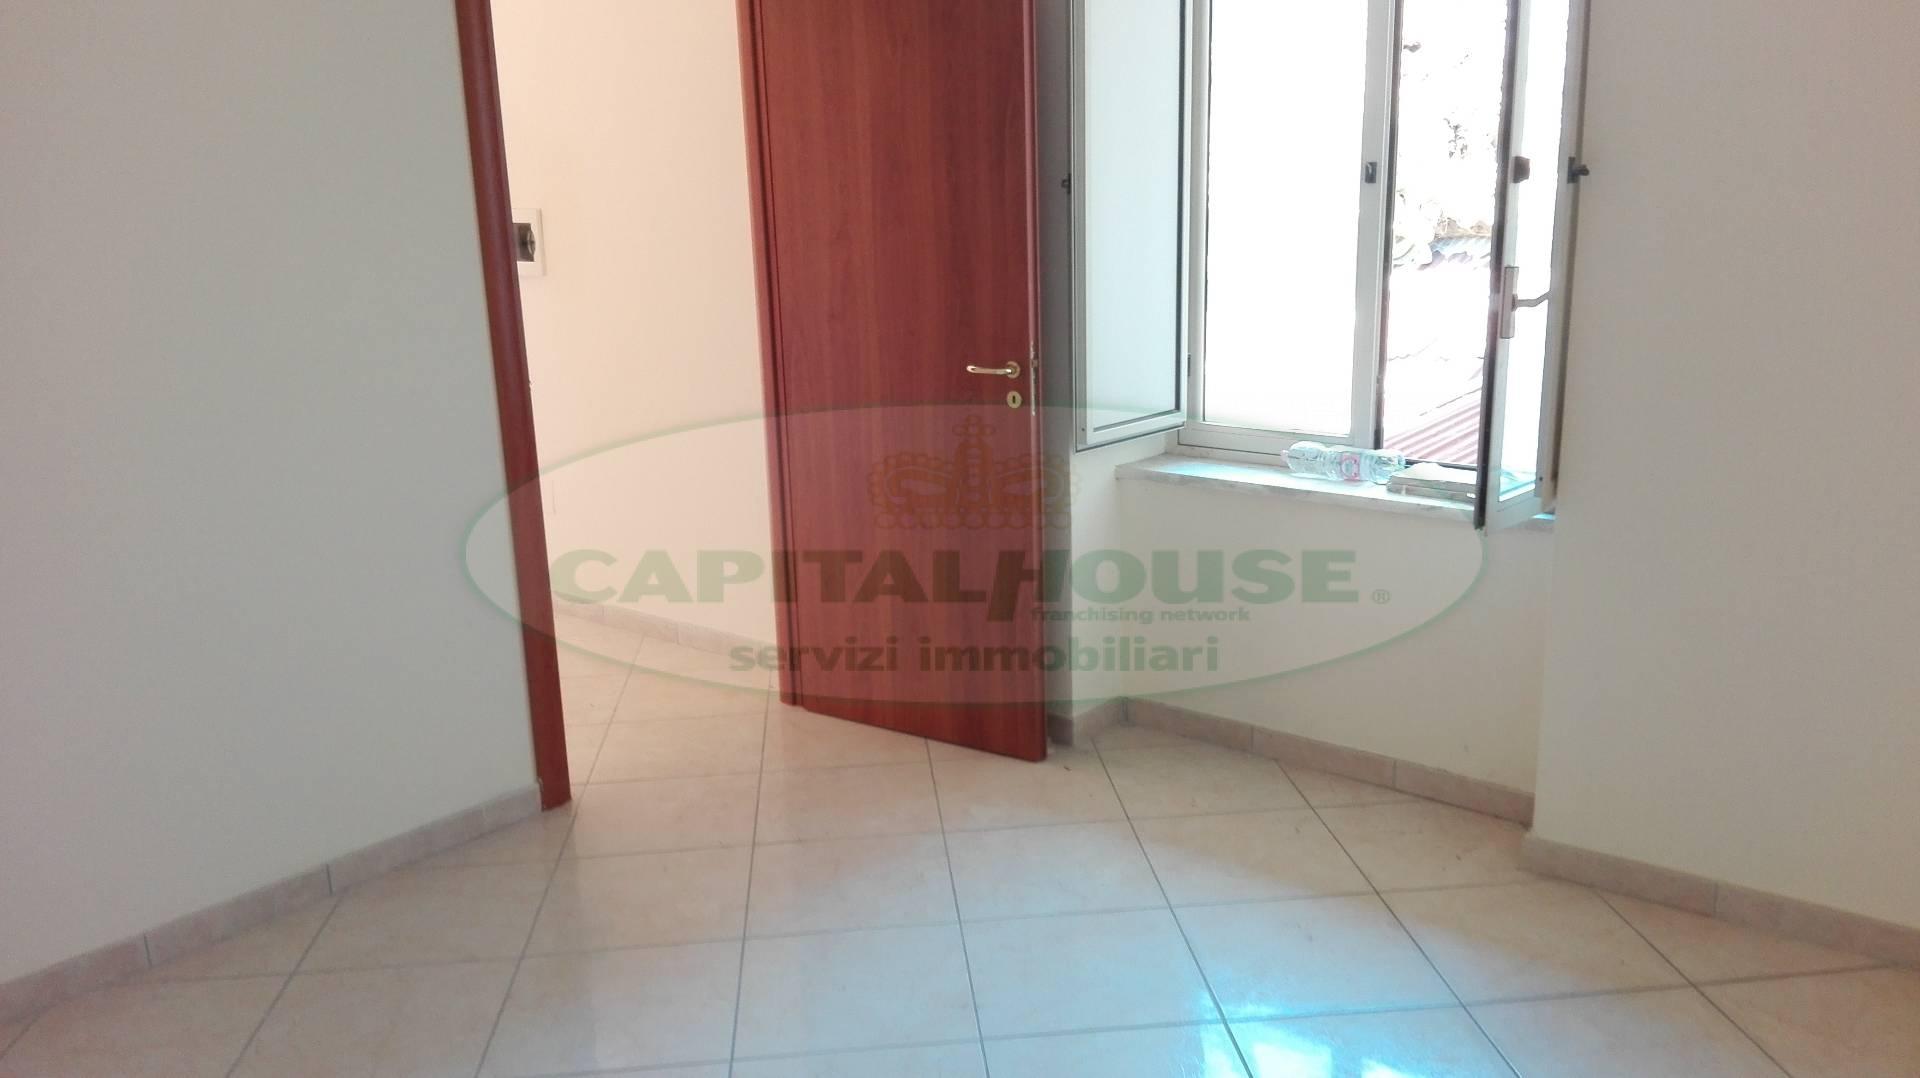 Appartamento in vendita a Macerata Campania, 2 locali, zona Zona: Caturano, prezzo € 39.000 | CambioCasa.it